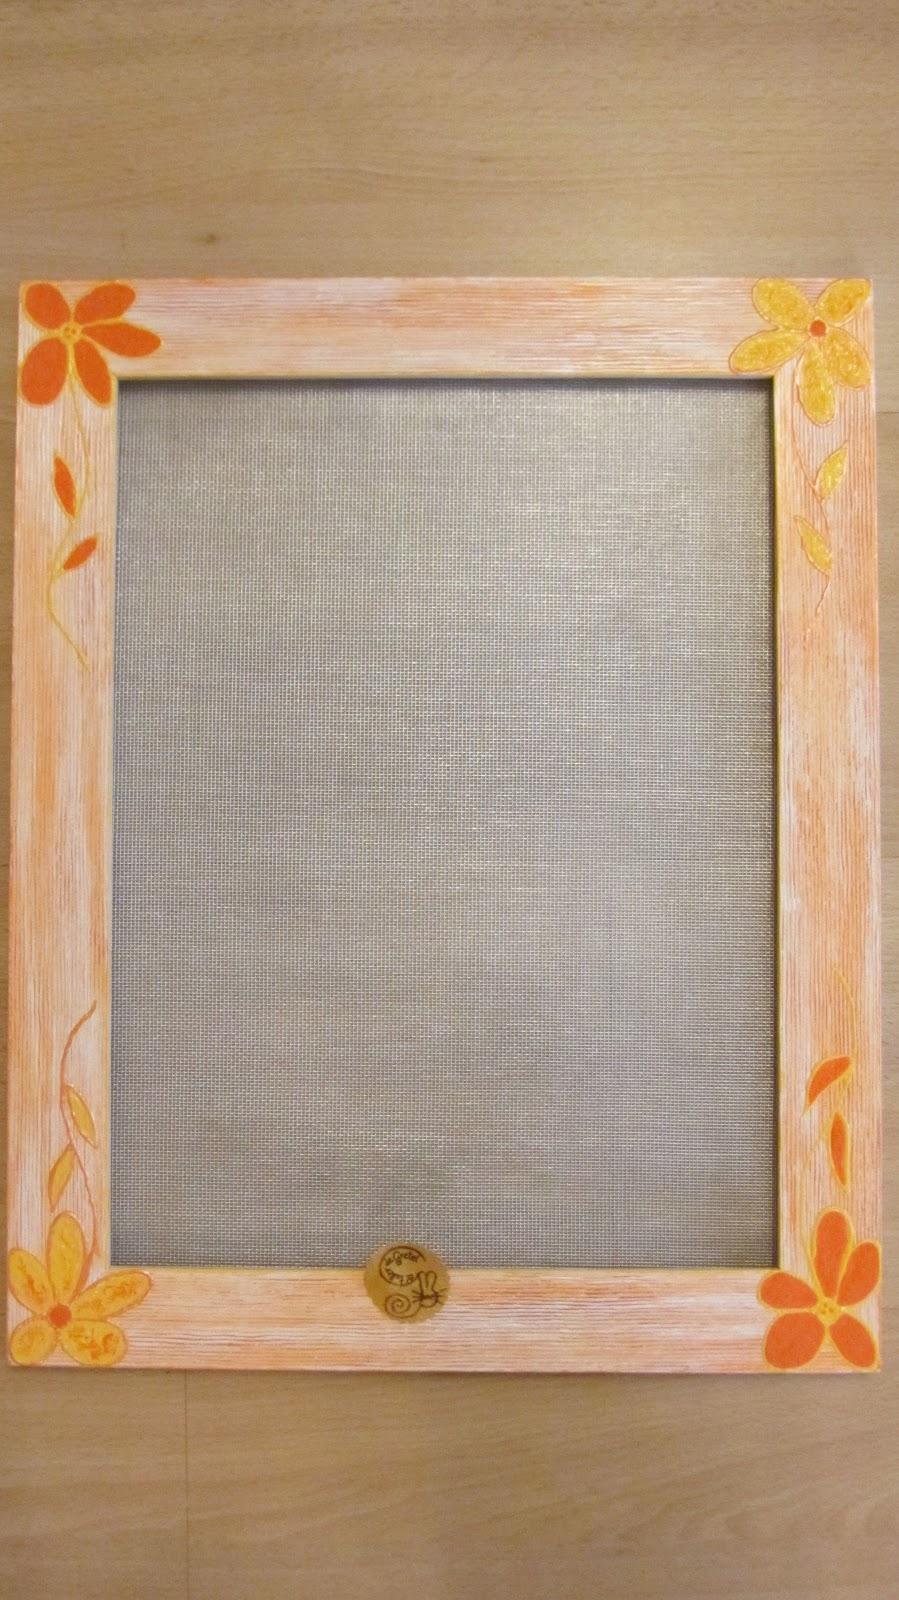 El taller de gretel cuadro para colgar pendientes - Para colgar pendientes ...